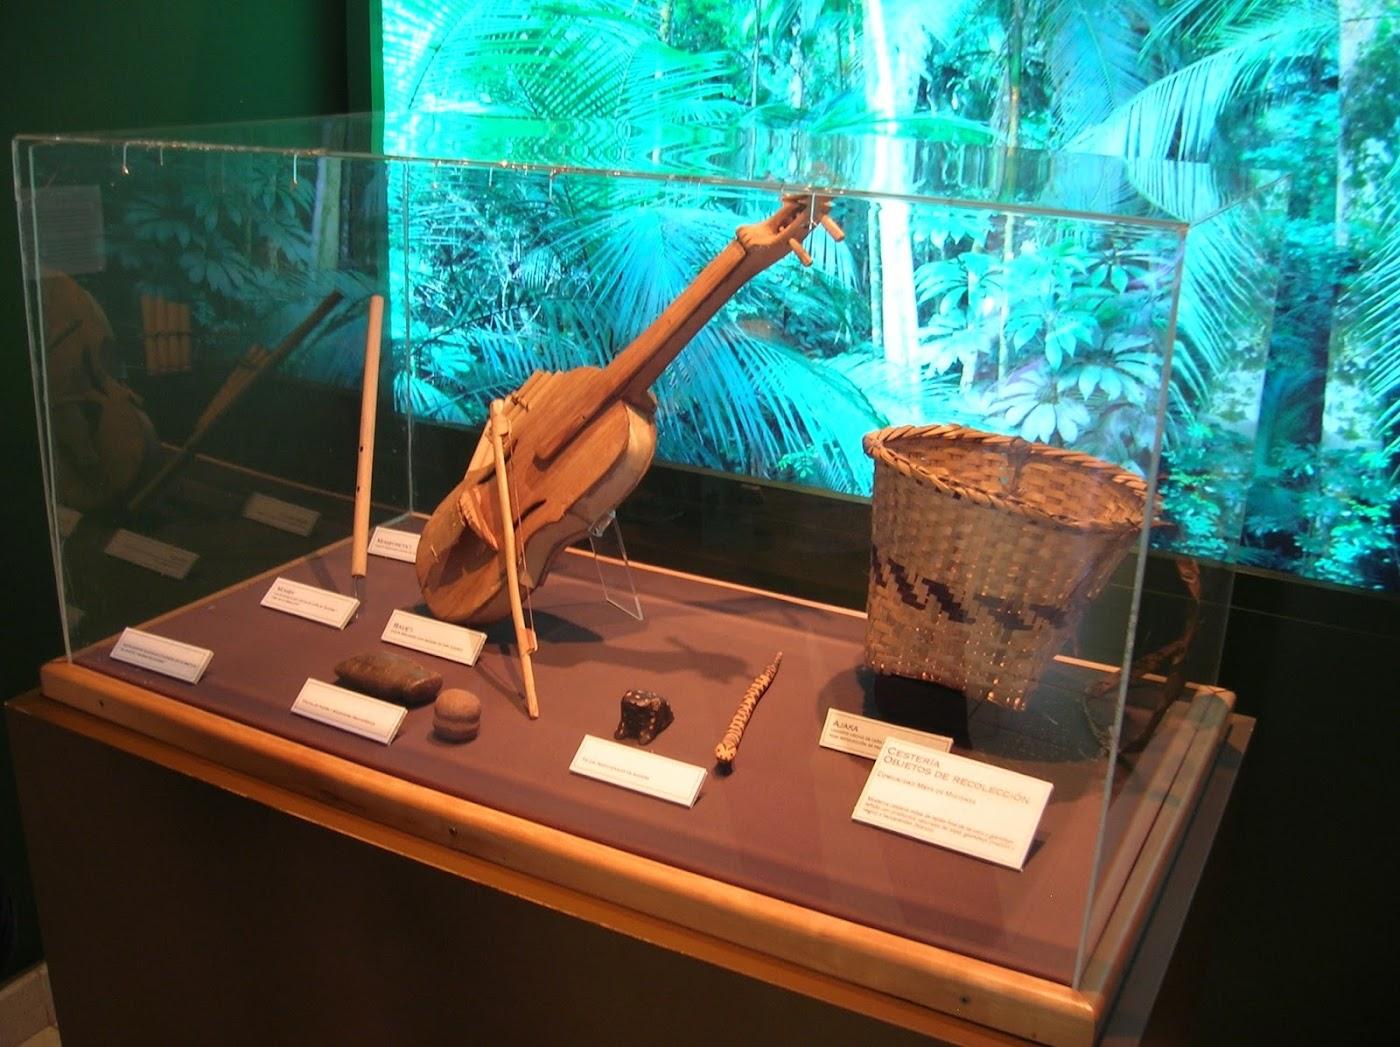 Instrumentos fabricados en Misión de San Ignacio, Misiones, Argentina, vuelta al mundo, round the world, La vuelta al mundo de Asun y Ricardo